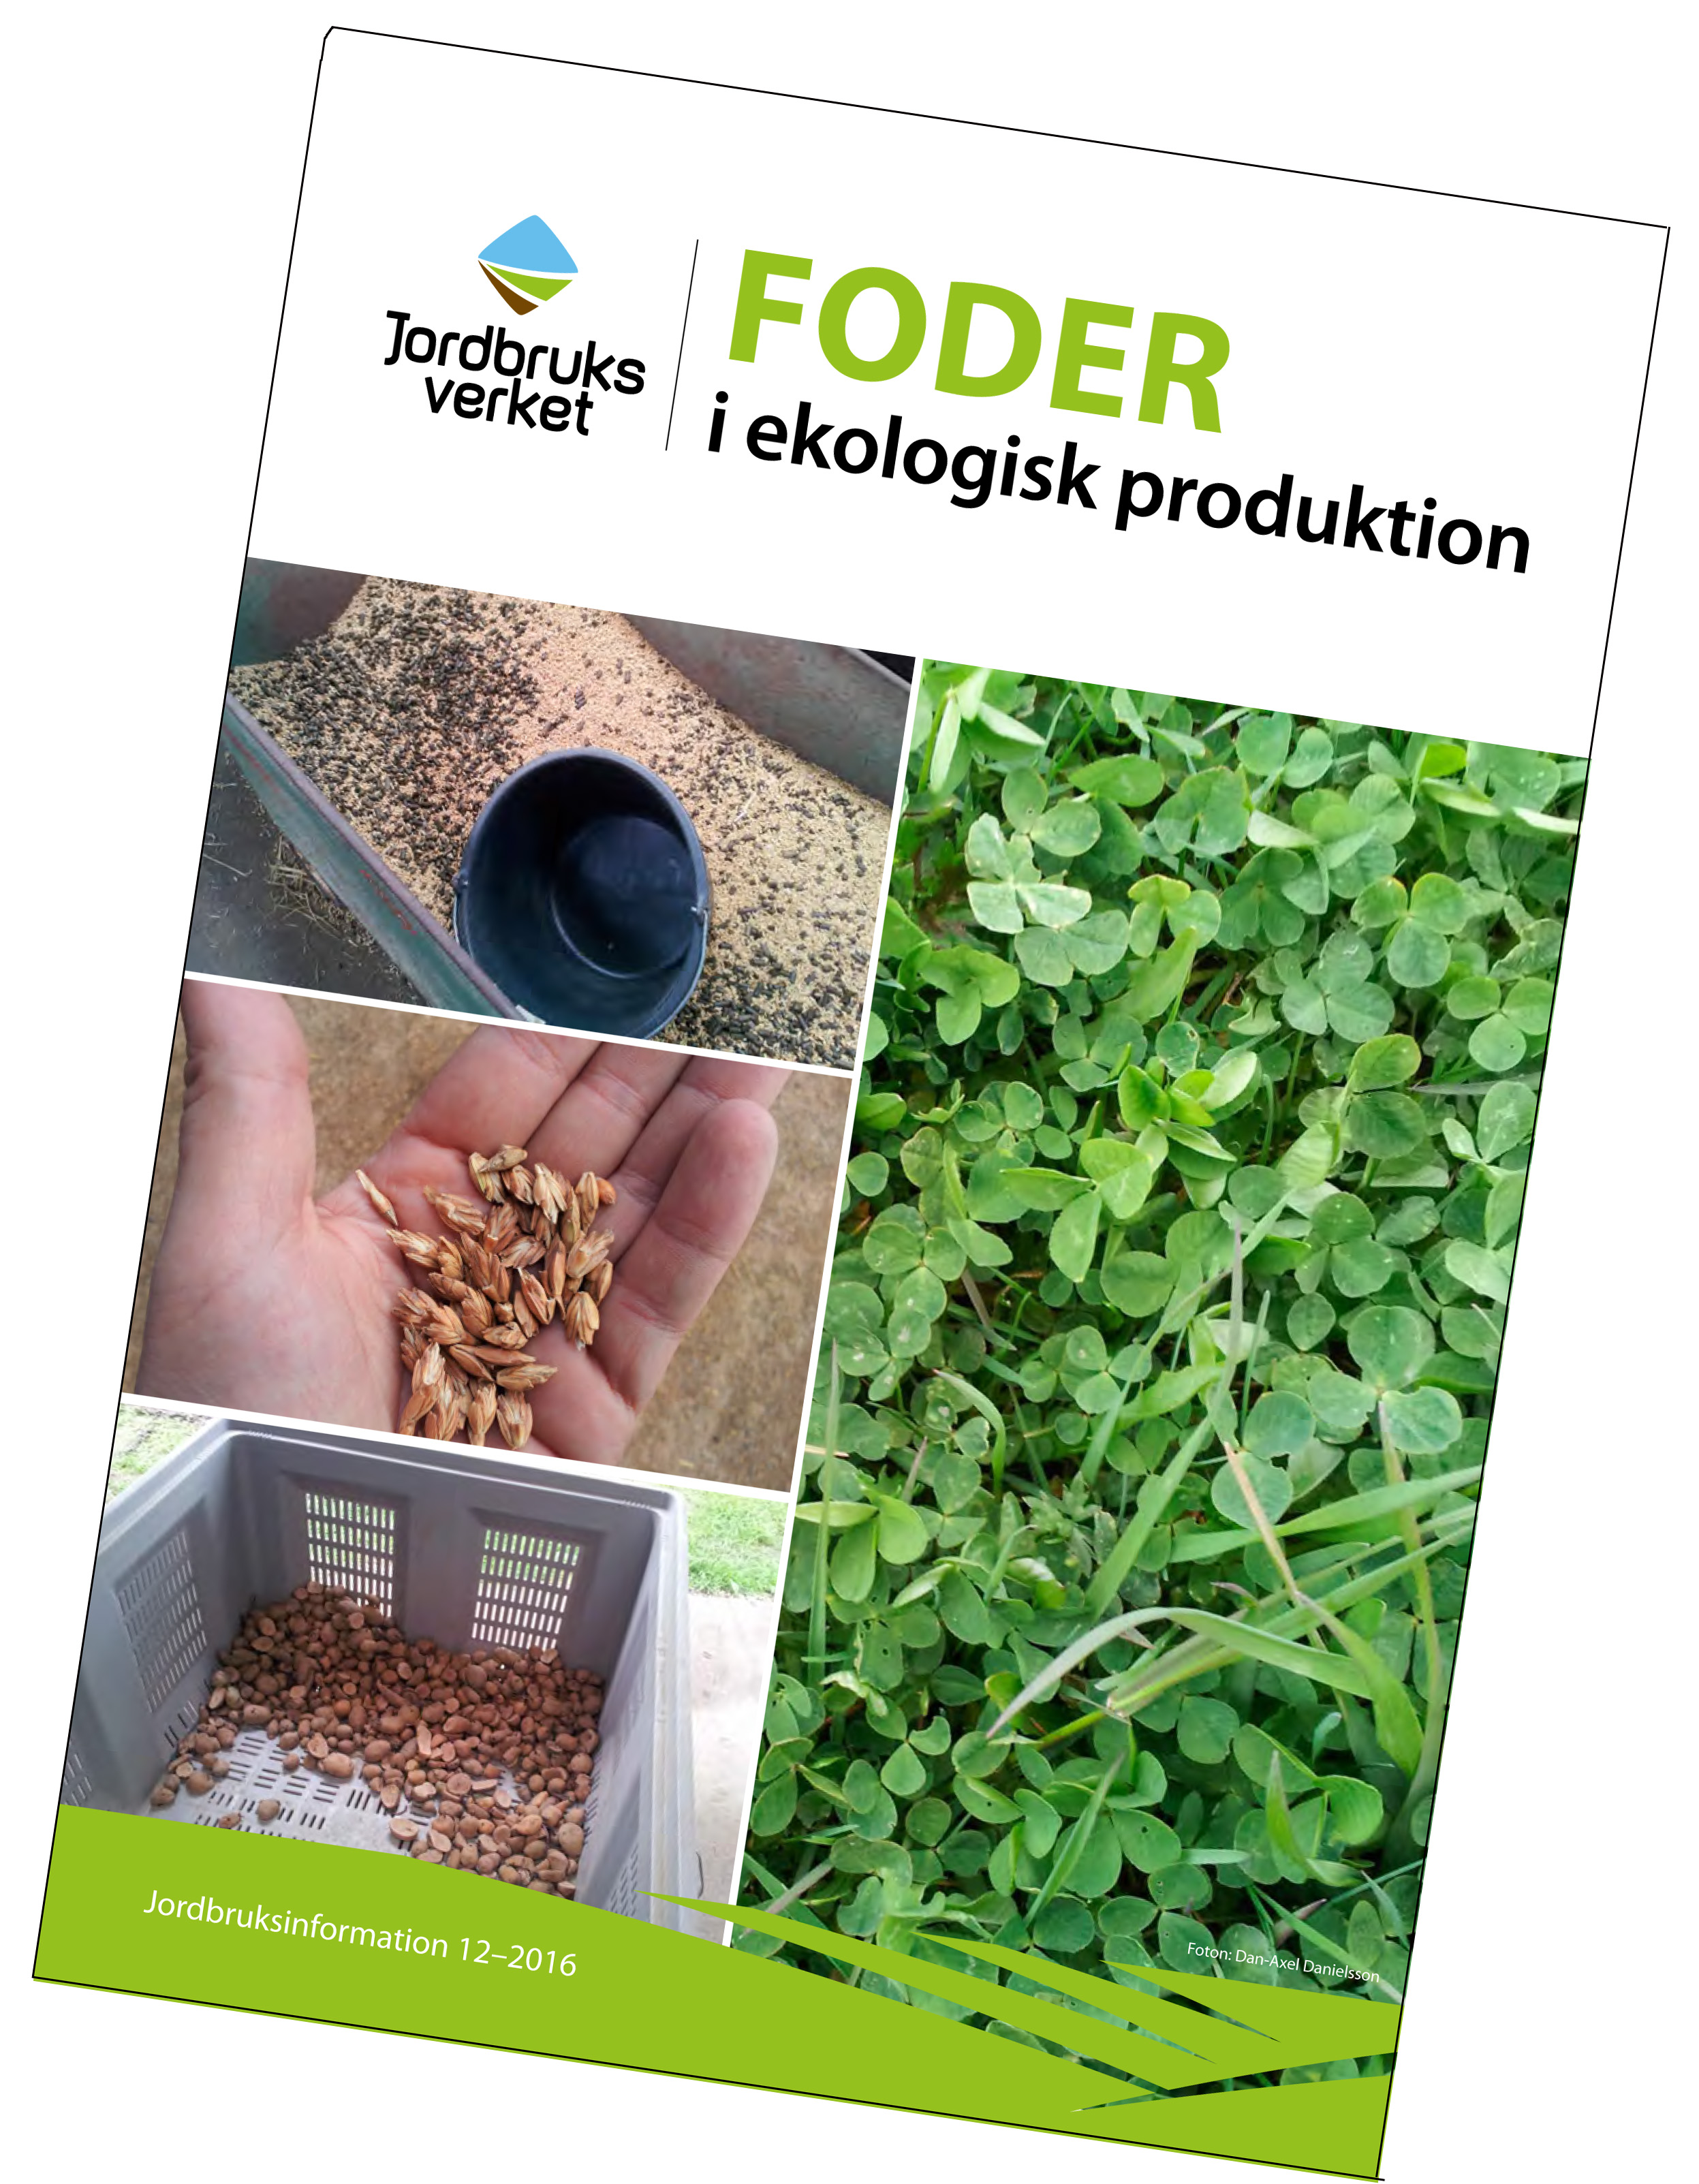 Foder i ekologisk produktion